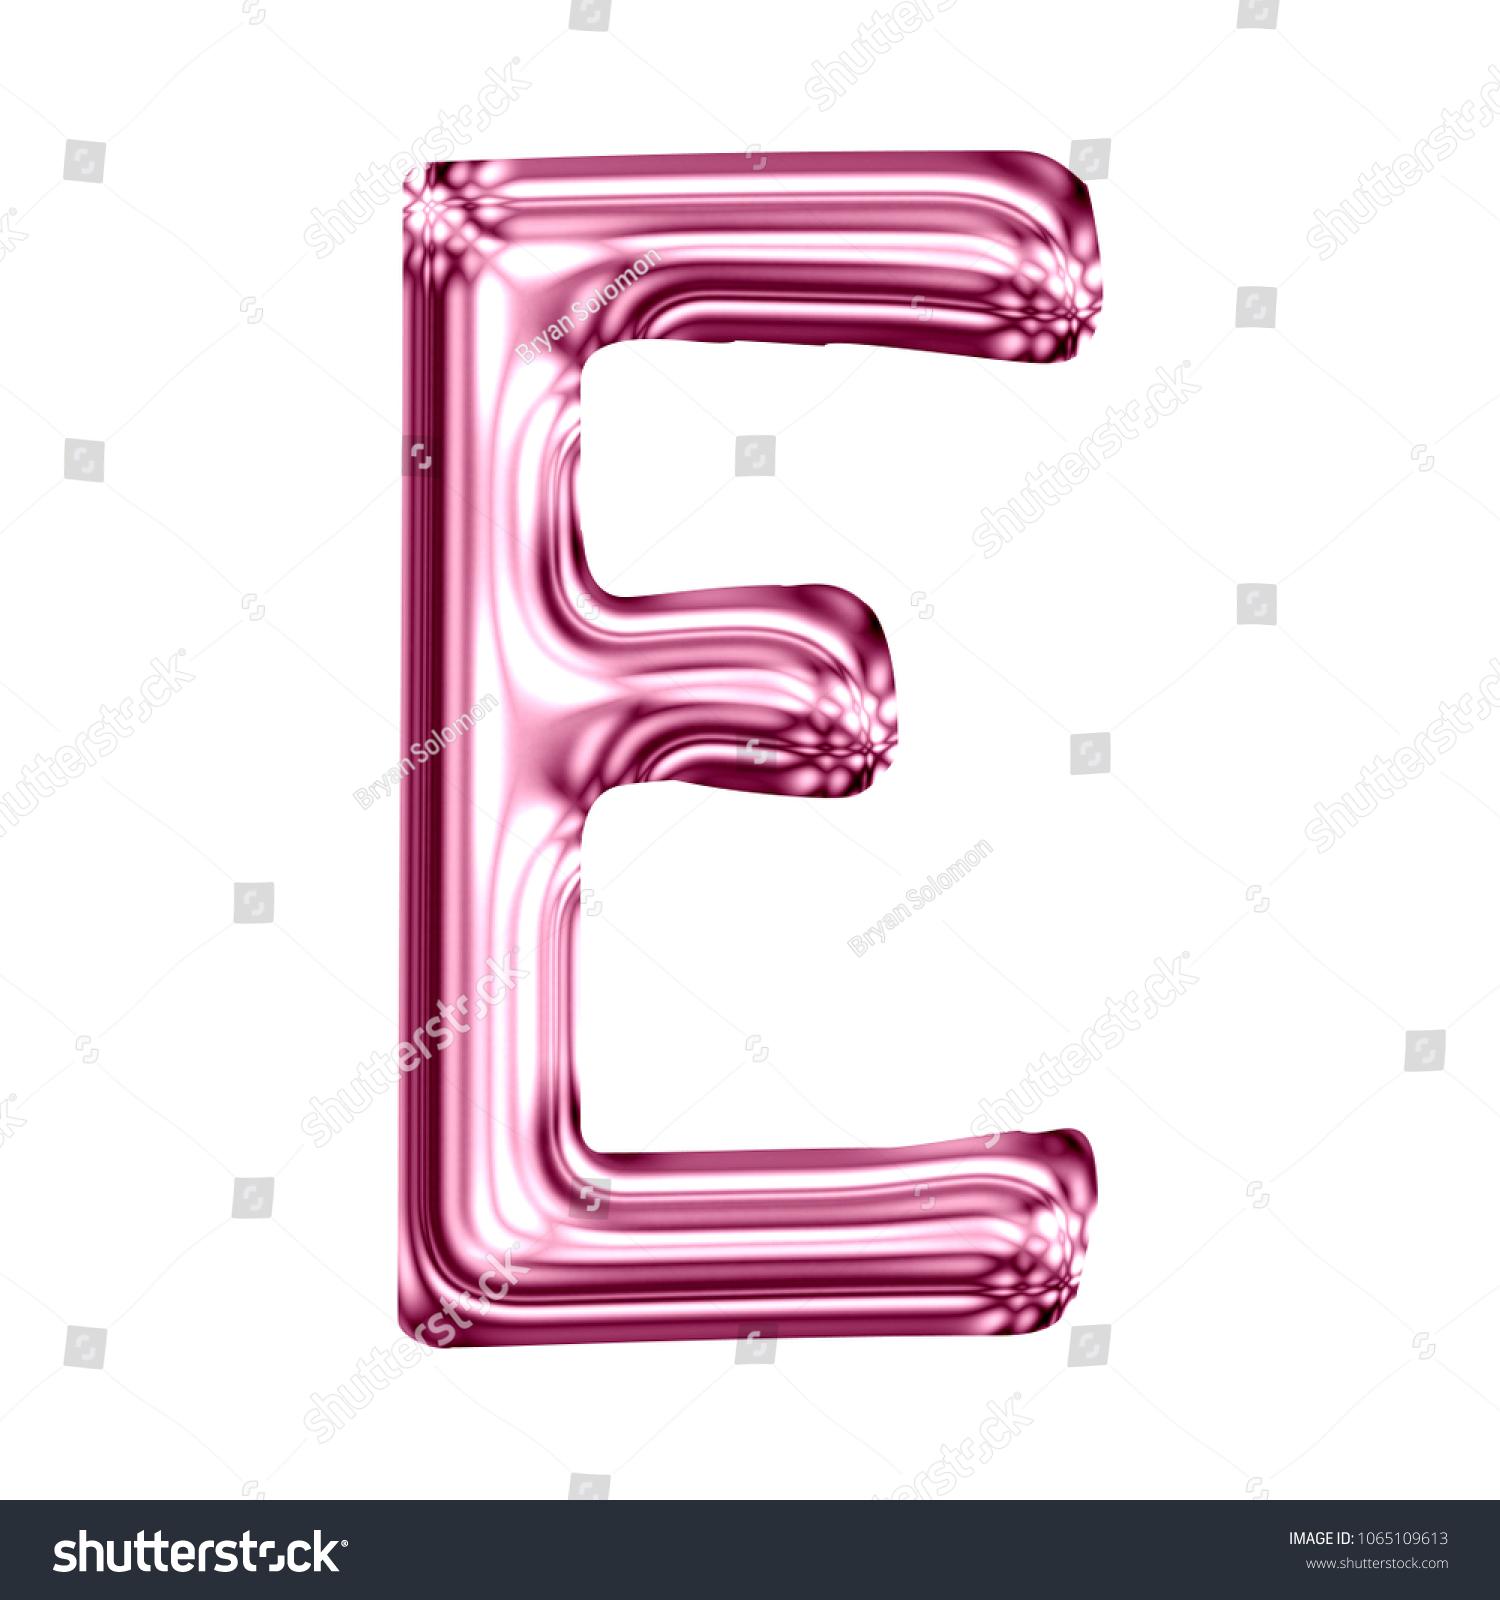 Shiny Pink Glass Letter E Uppercase Stock Illustration 1065109613 ...